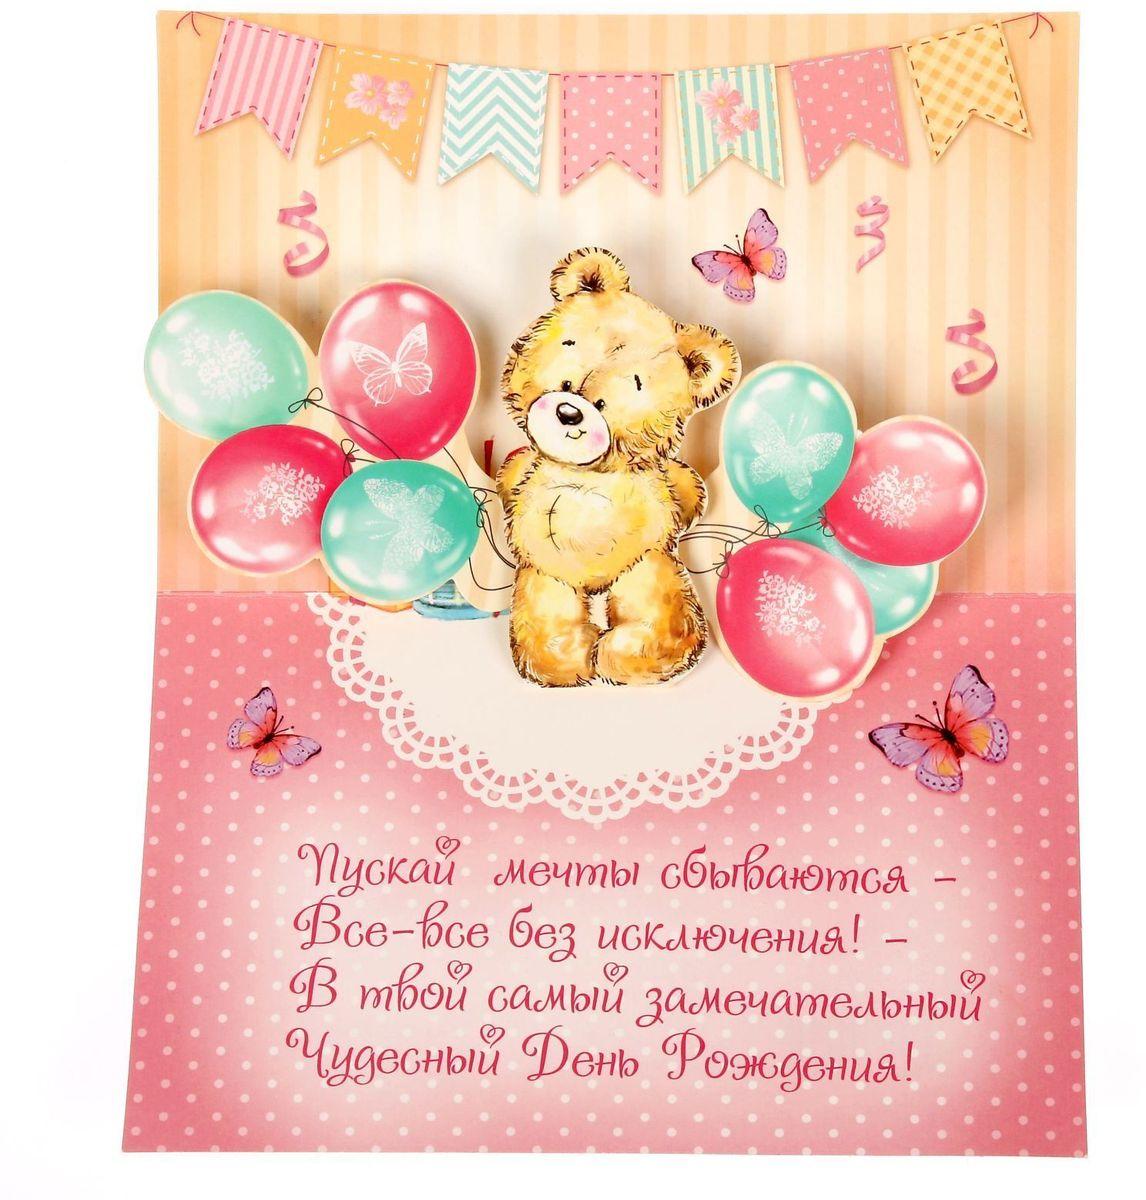 Фото открыток на день рождения 23